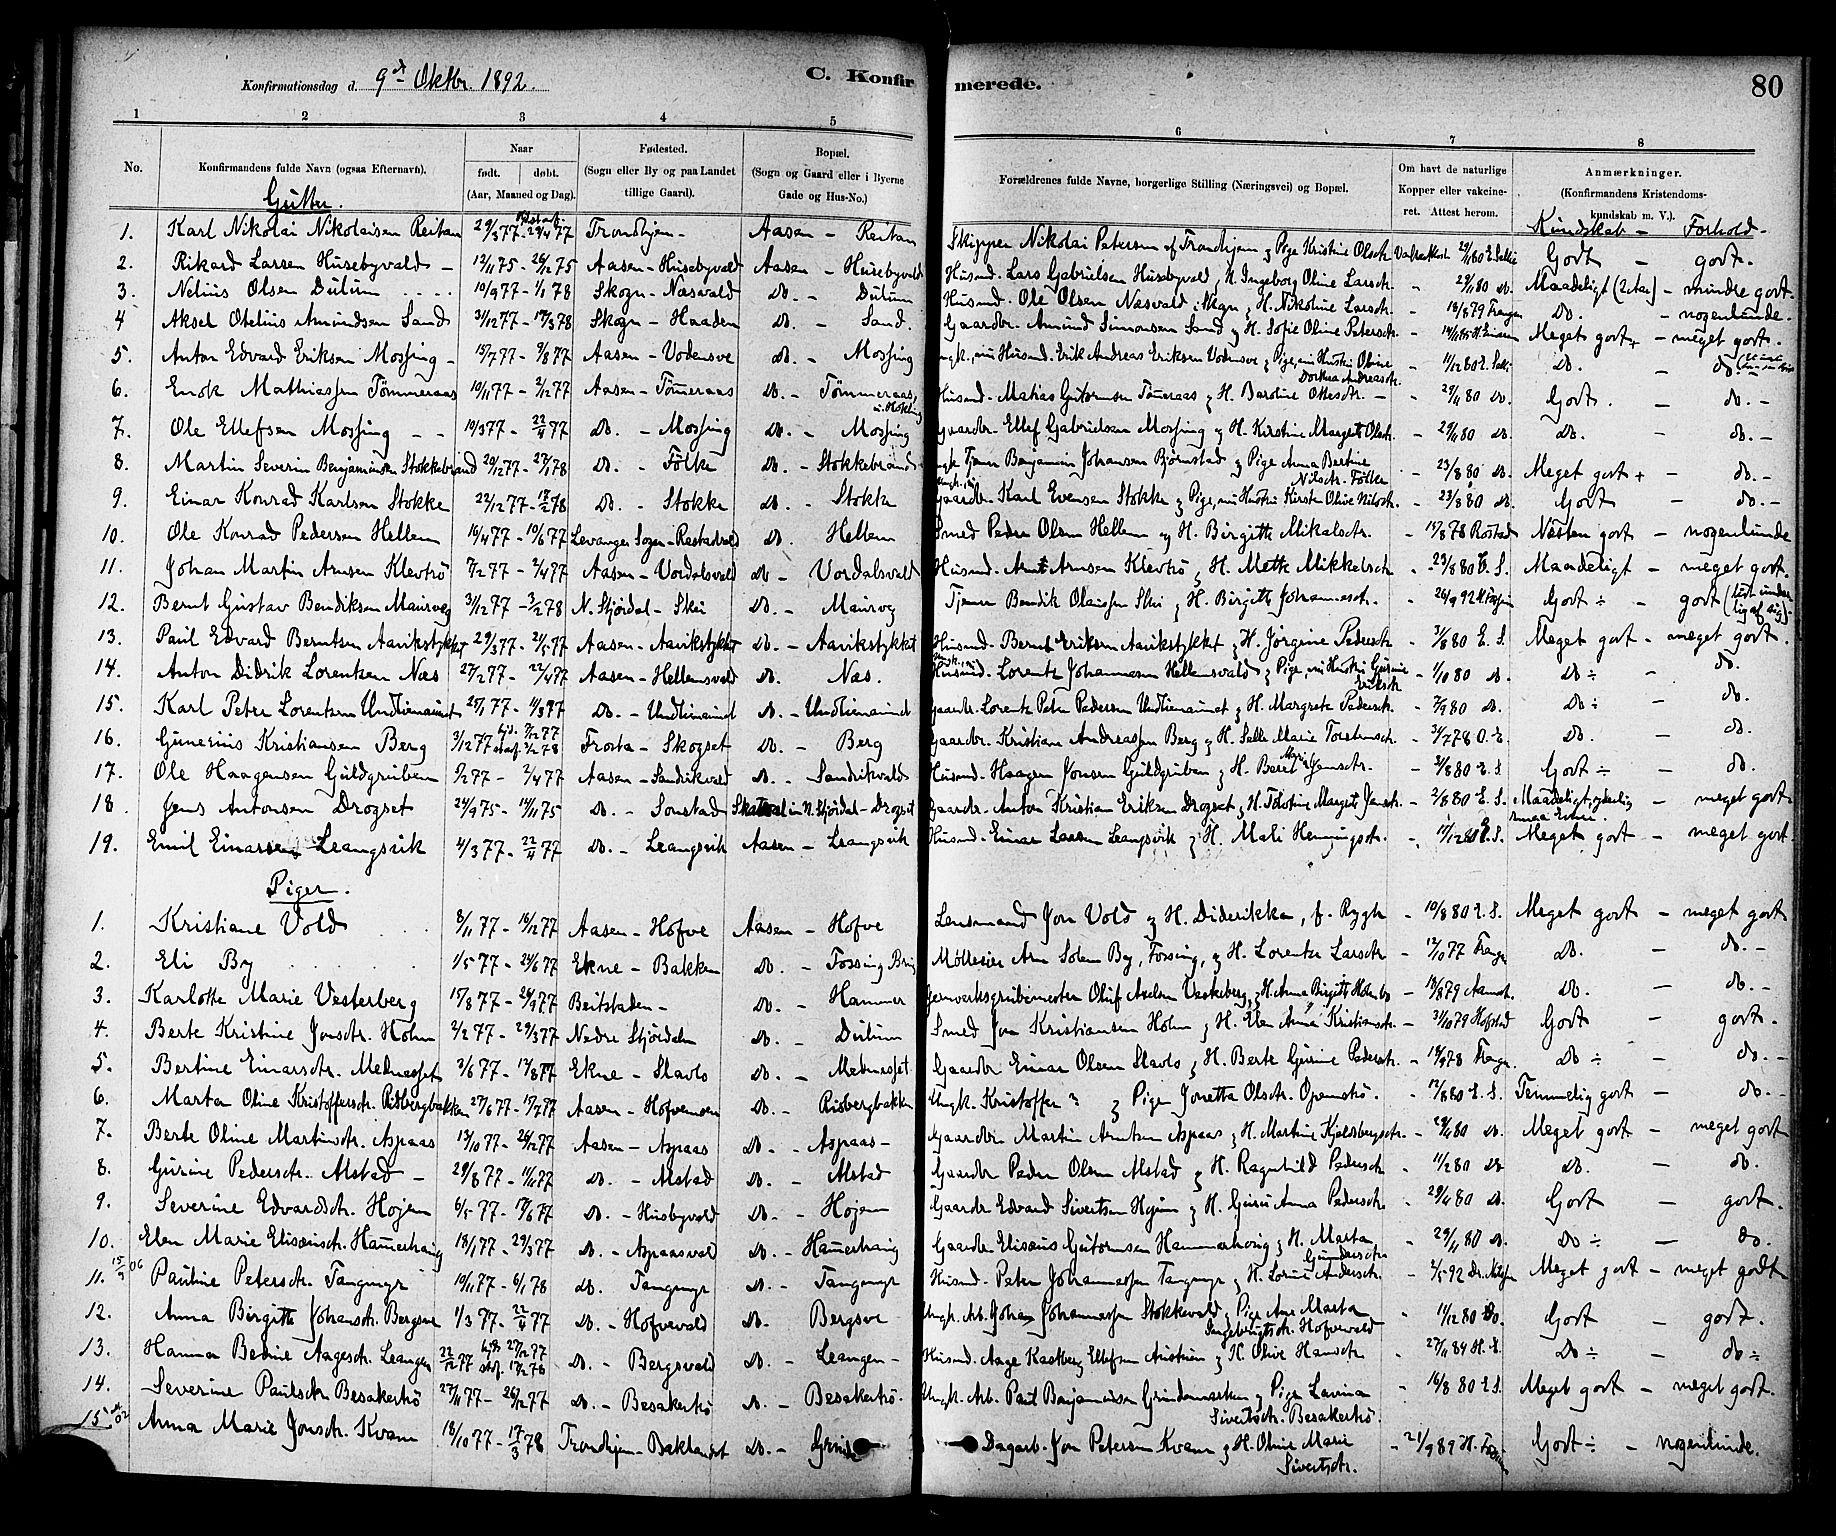 SAT, Ministerialprotokoller, klokkerbøker og fødselsregistre - Nord-Trøndelag, 714/L0130: Ministerialbok nr. 714A01, 1878-1895, s. 80